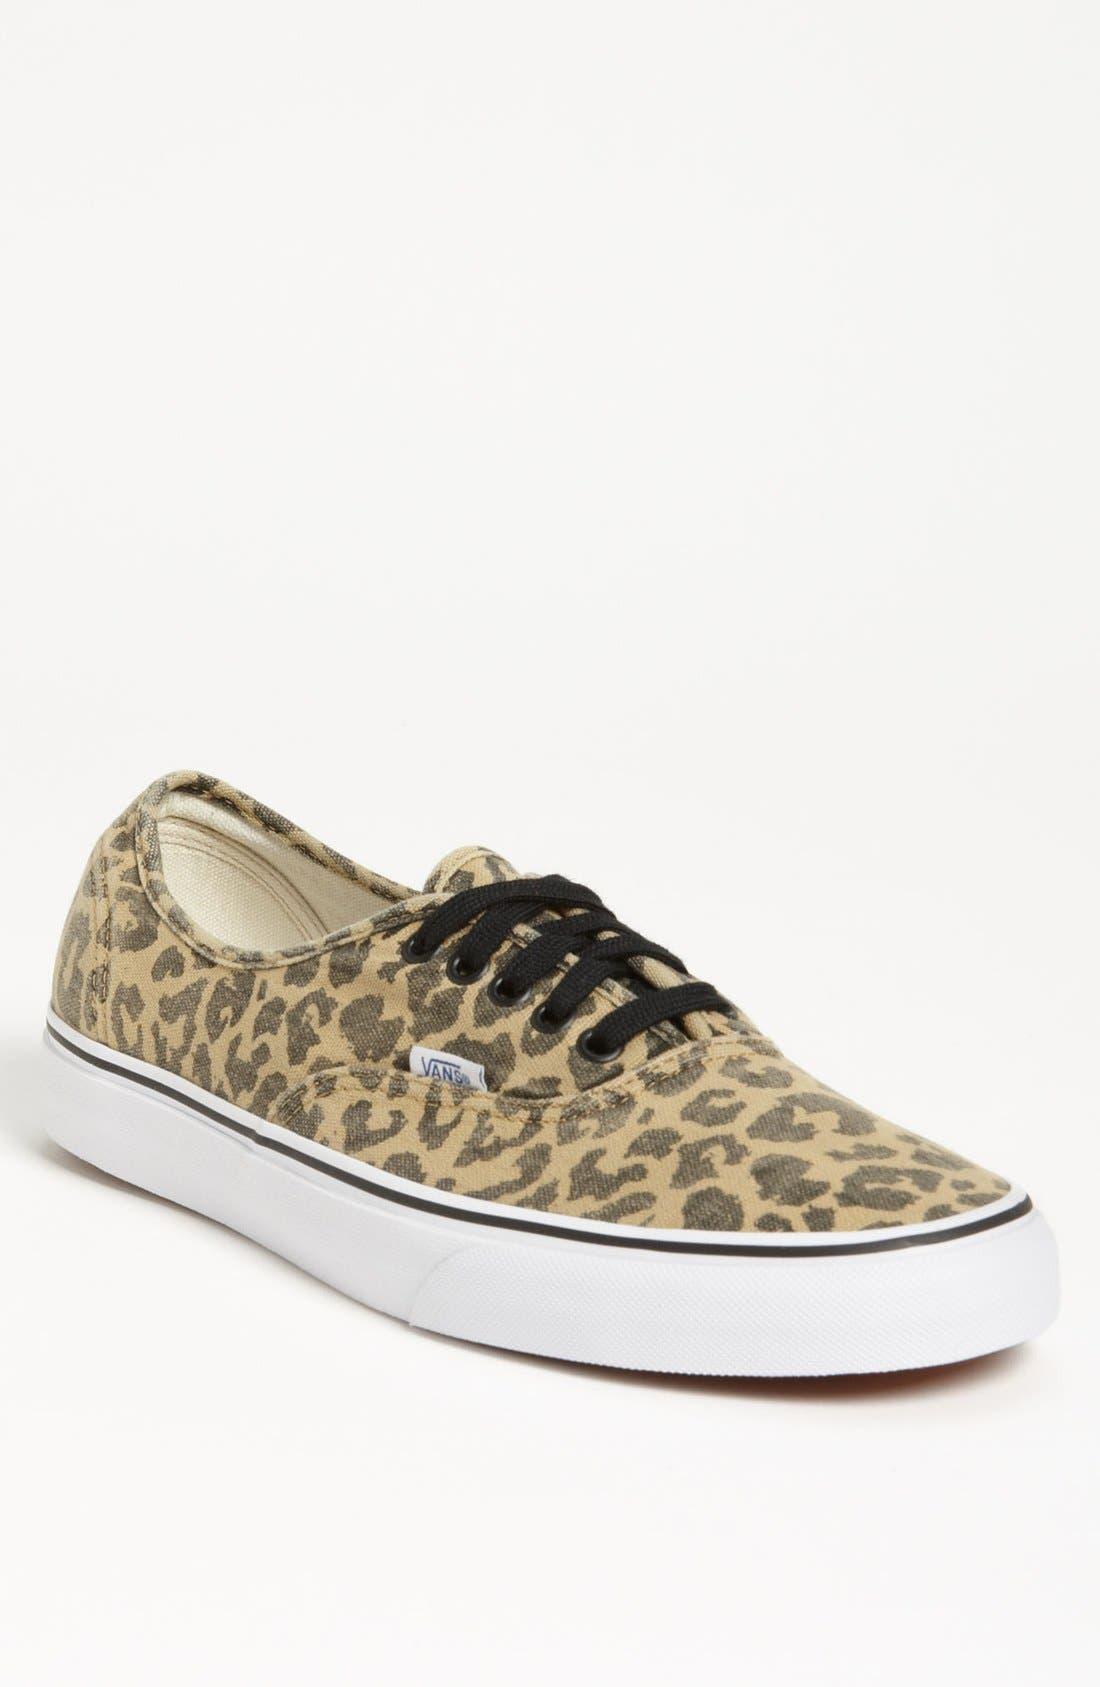 Alternate Image 1 Selected - Vans 'Van Doren - Authentic' Sneaker (Men)